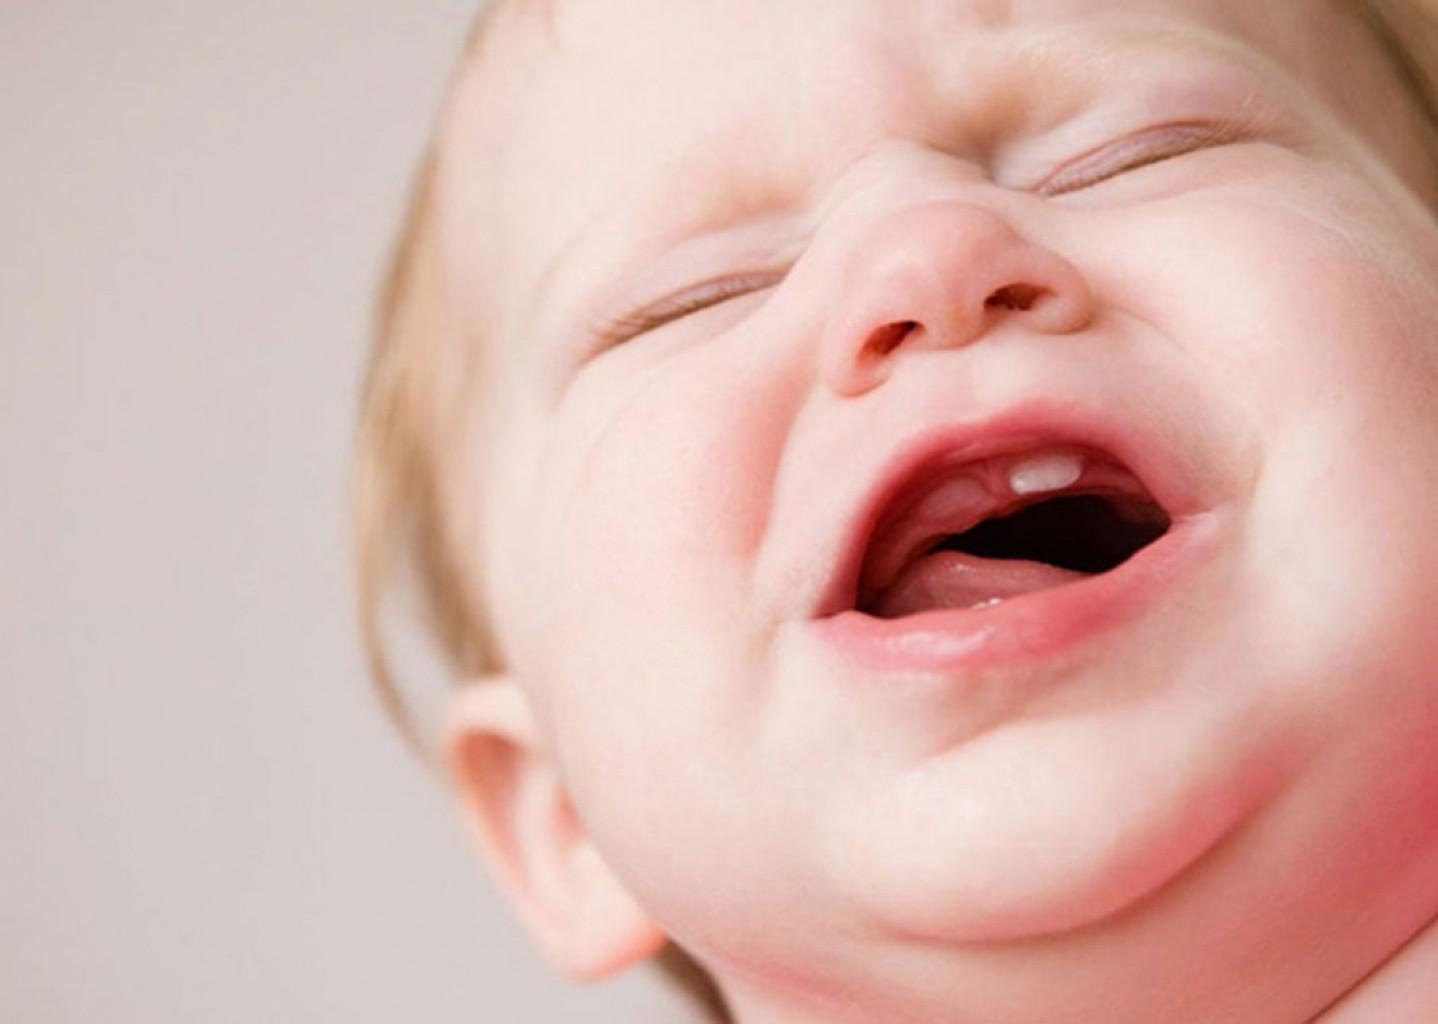 ¿Deben medicarse las encías de los bebés durante la dentición? No